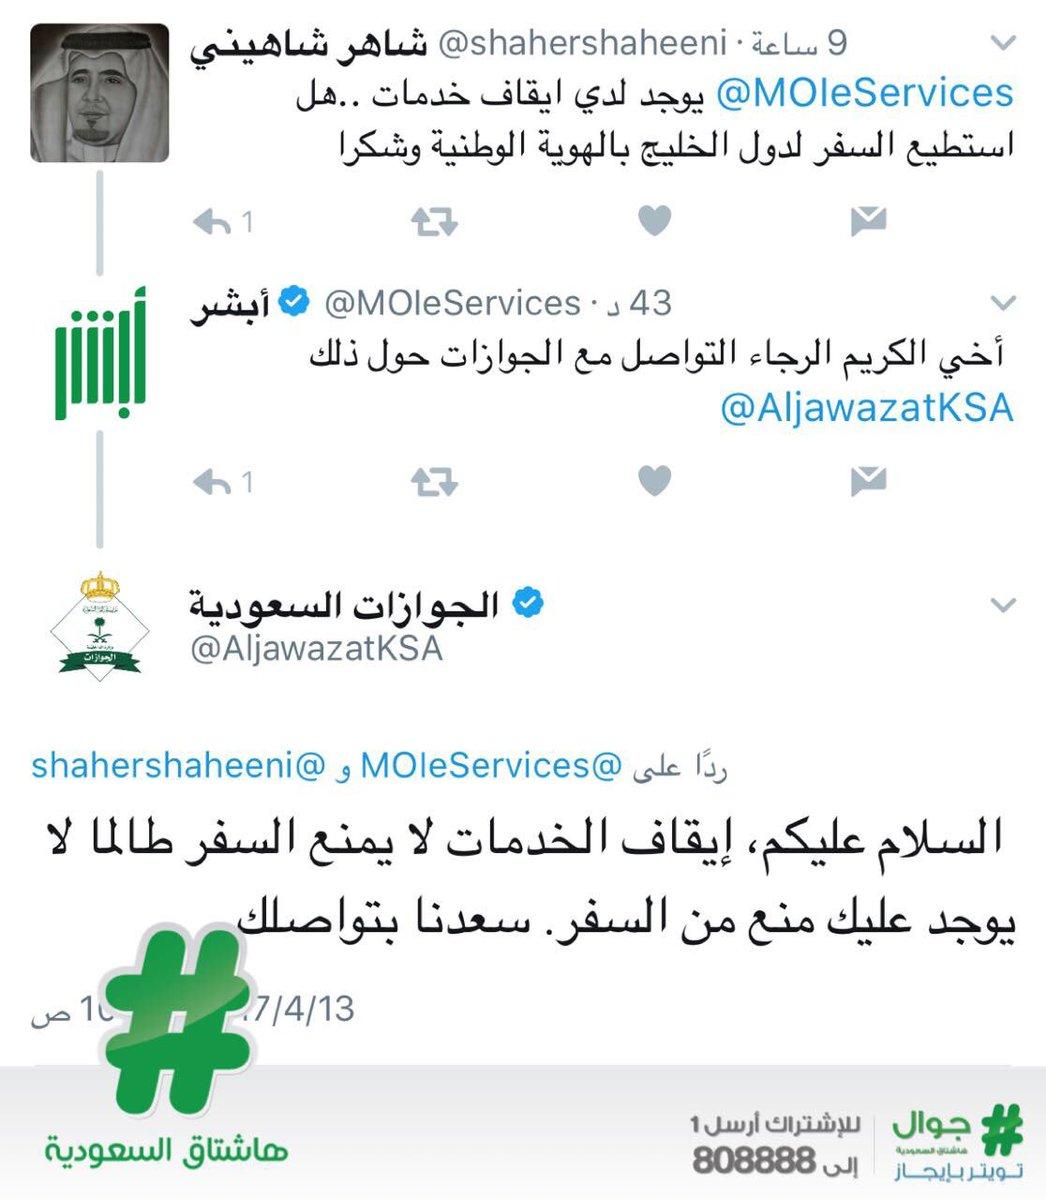 الجوازات السعودية Twitterissa إيقاف الخدمات لايمنع السفر طالما لايوجد عليك منع من السفر لمعرفة أنك ممنوع من السفرعليك التواصل مع إمارة المنطقة لإفادتك